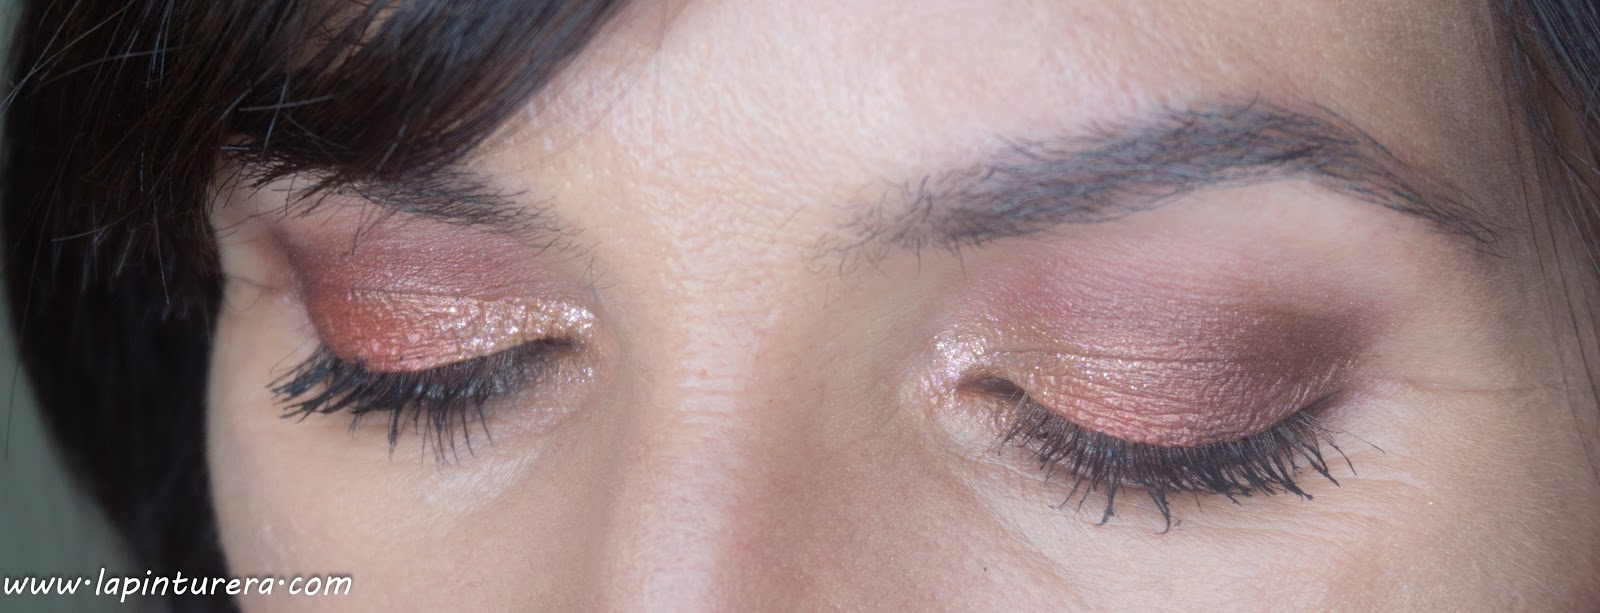 LAPINTURERA - Blog de cosmética, maquillaje y belleza.: Combinando ropa y maquillaje III: Looks ...